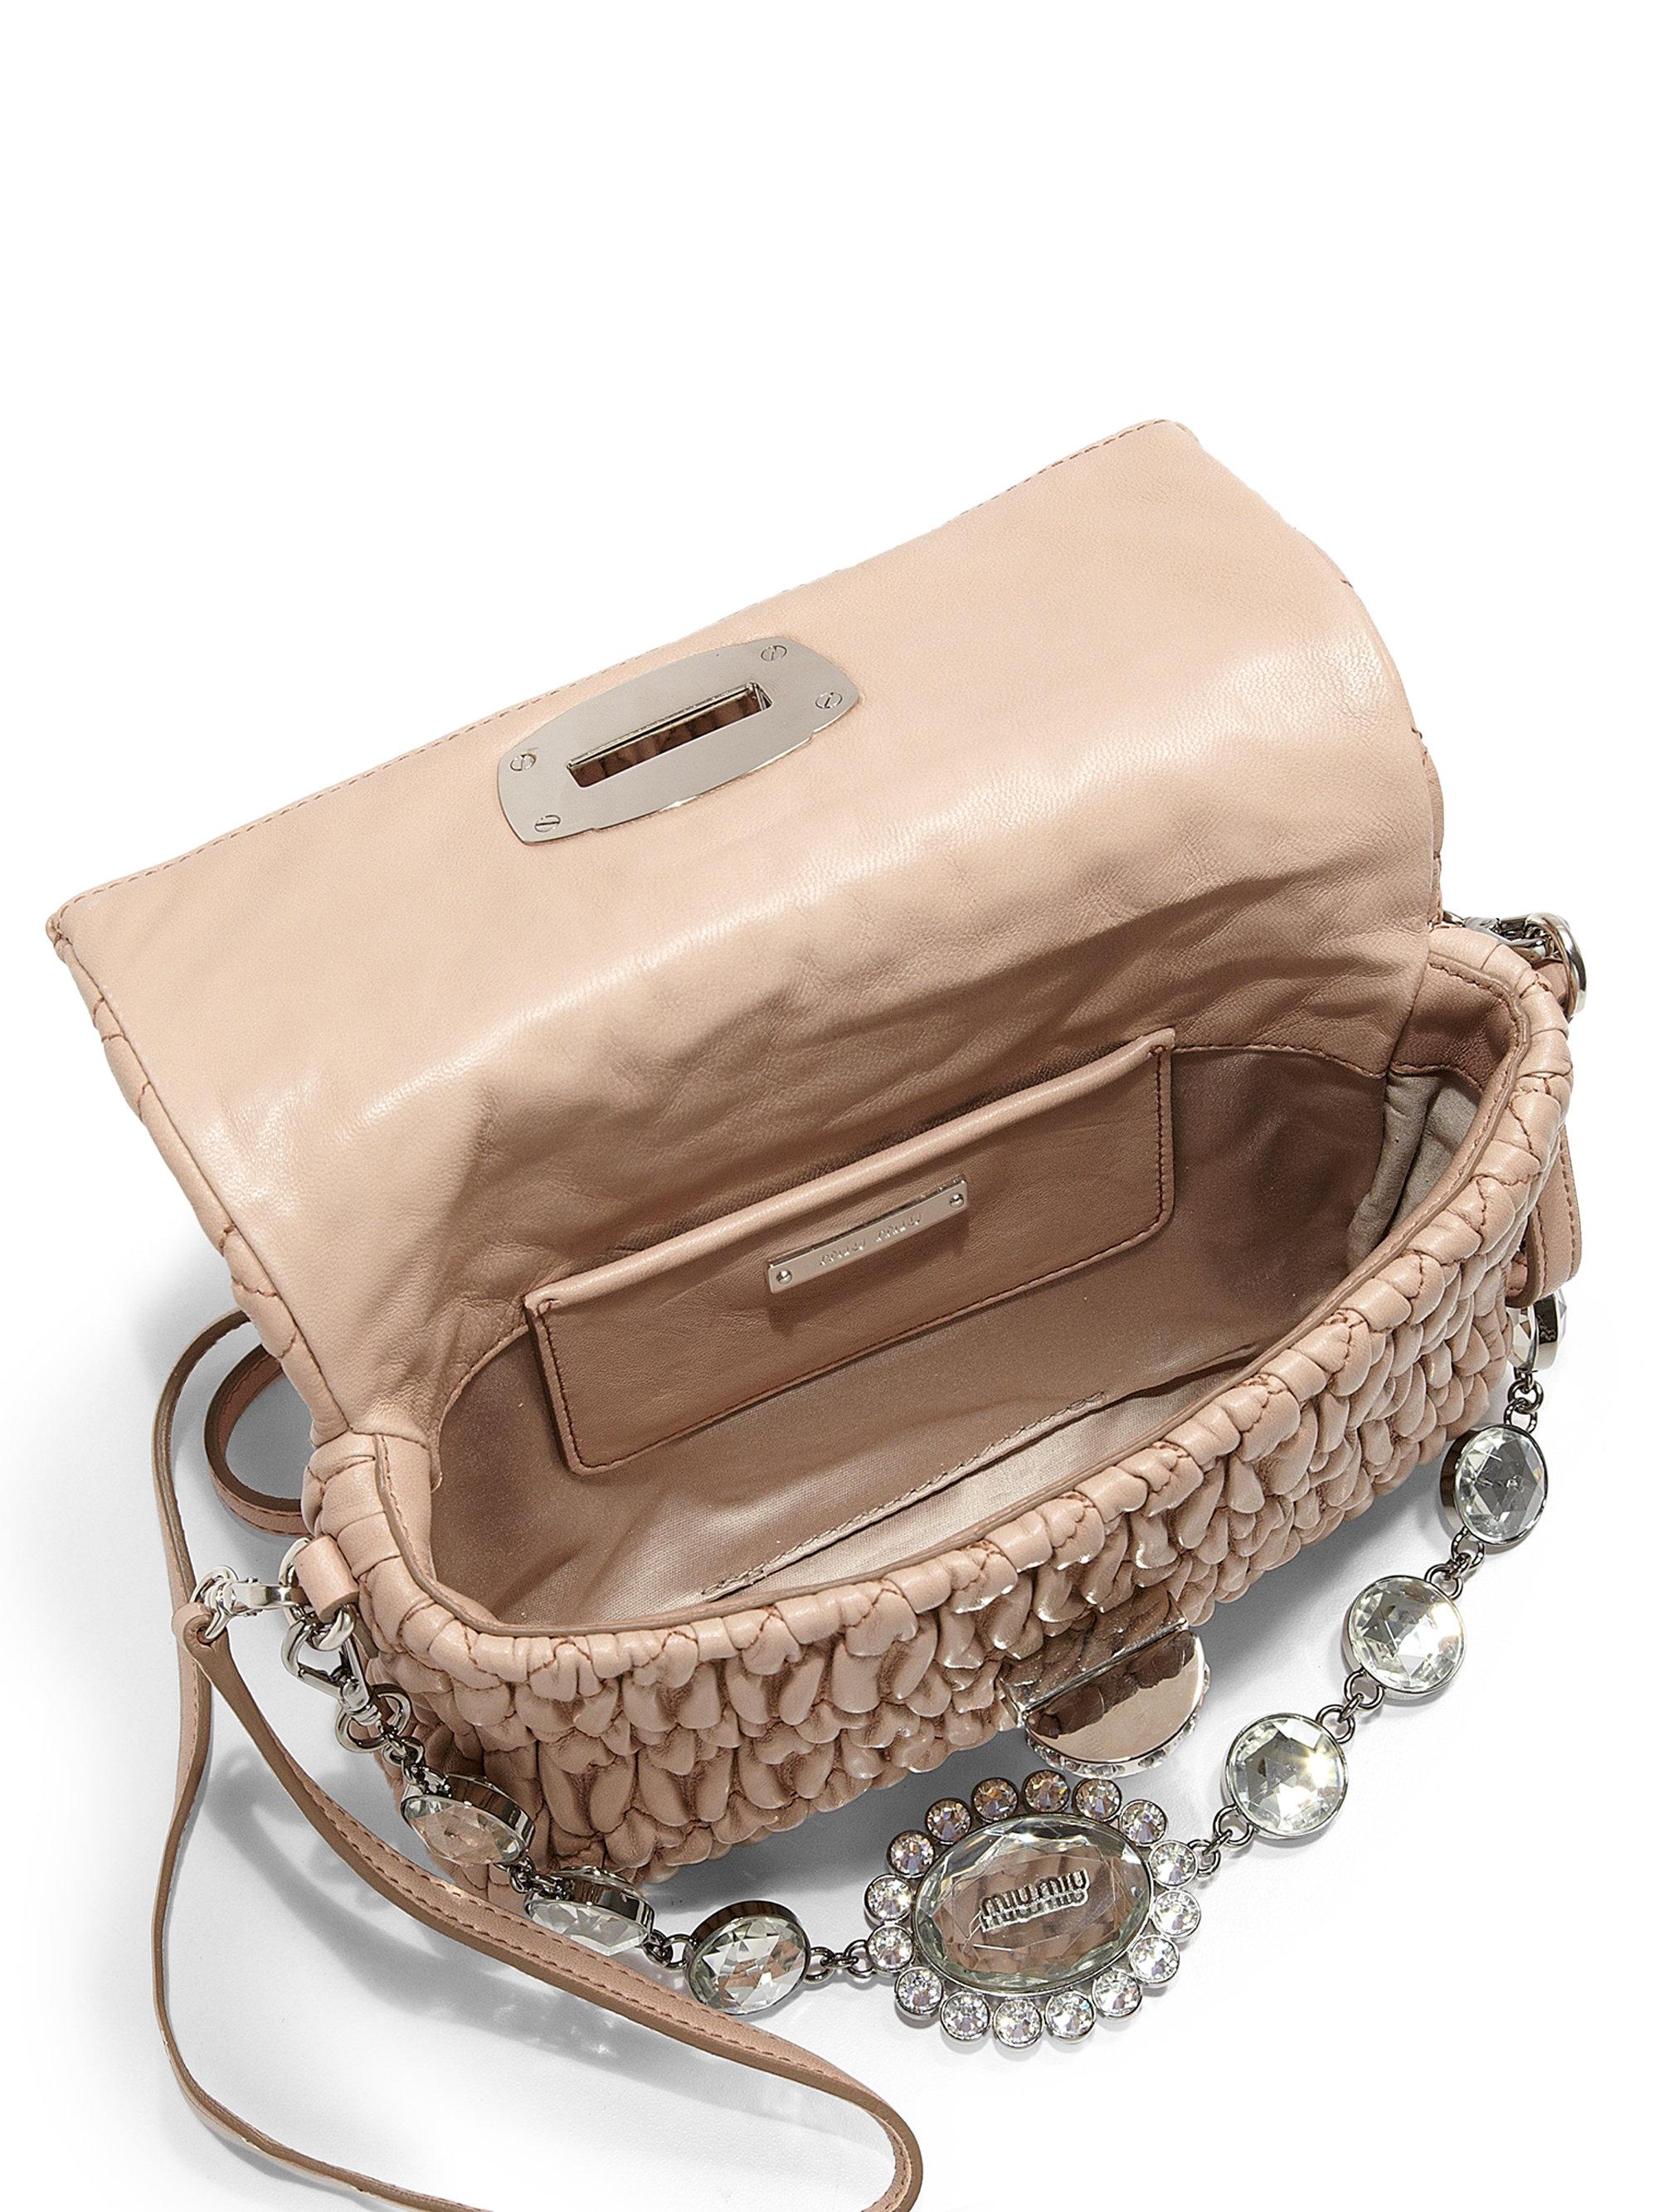 Miu Miu Crystal Bag